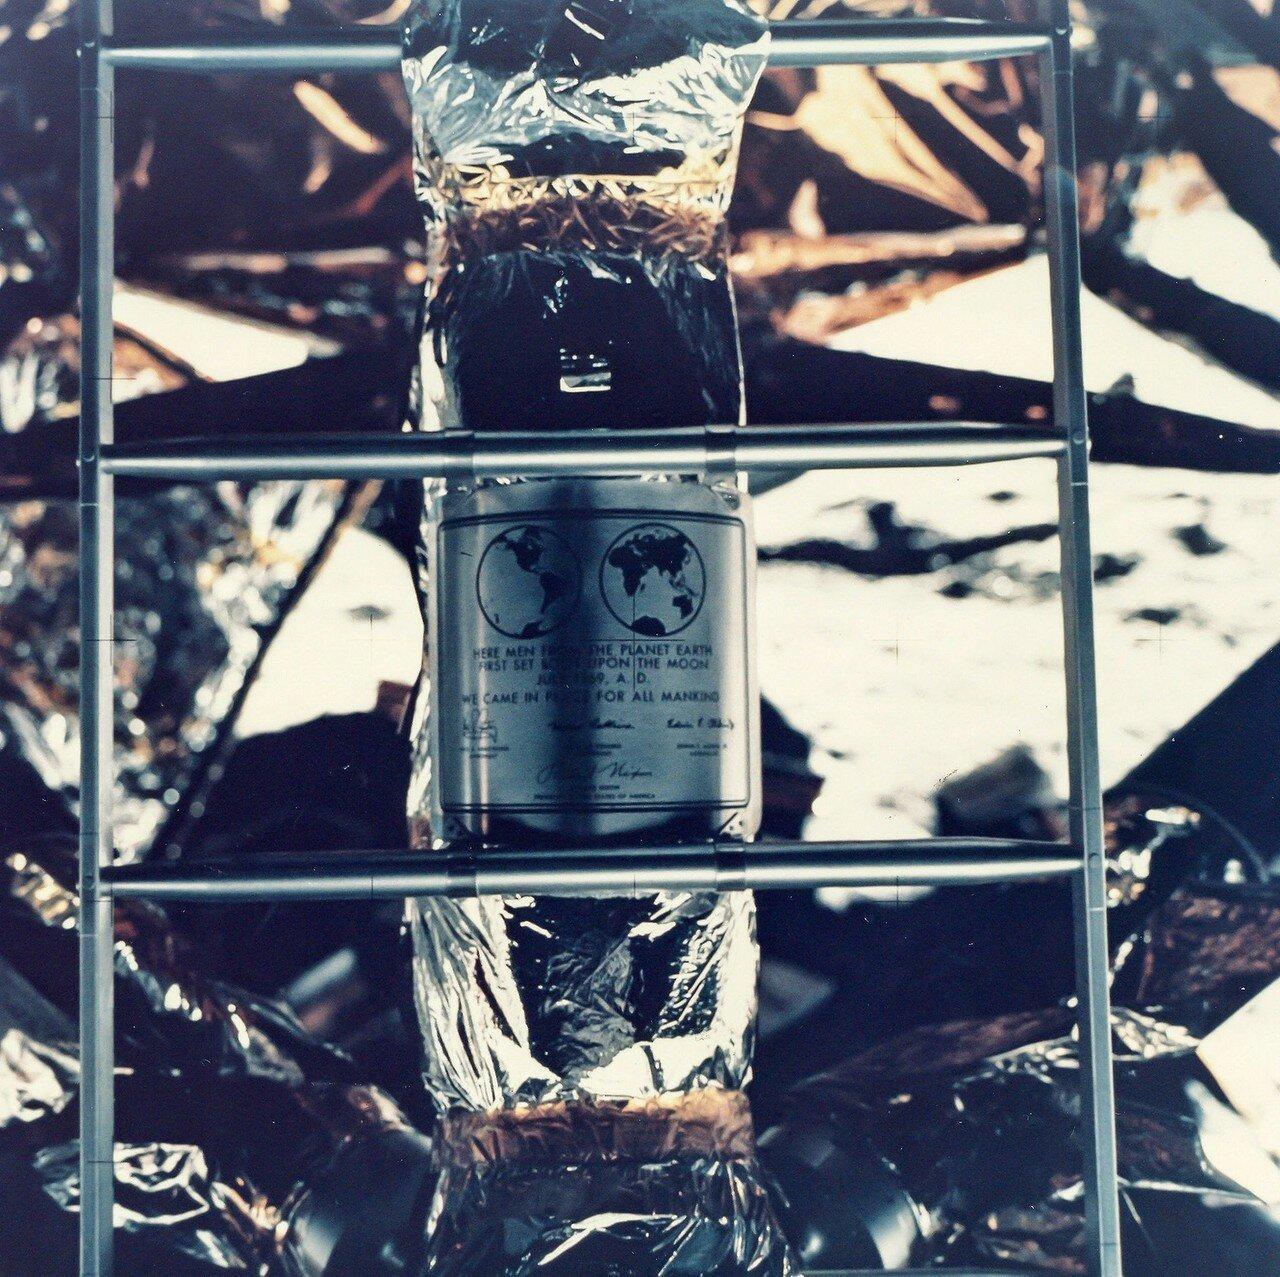 Затем они вдвоём открыли мемориальную табличку на опоре лунного модуля, сняв с неё металлическую крышку. Армстронг подробно описал, что на ней изображено, и прочитал вслух надпись, после чего отнёс телекамеру примерно на 20 м от «Орла» к